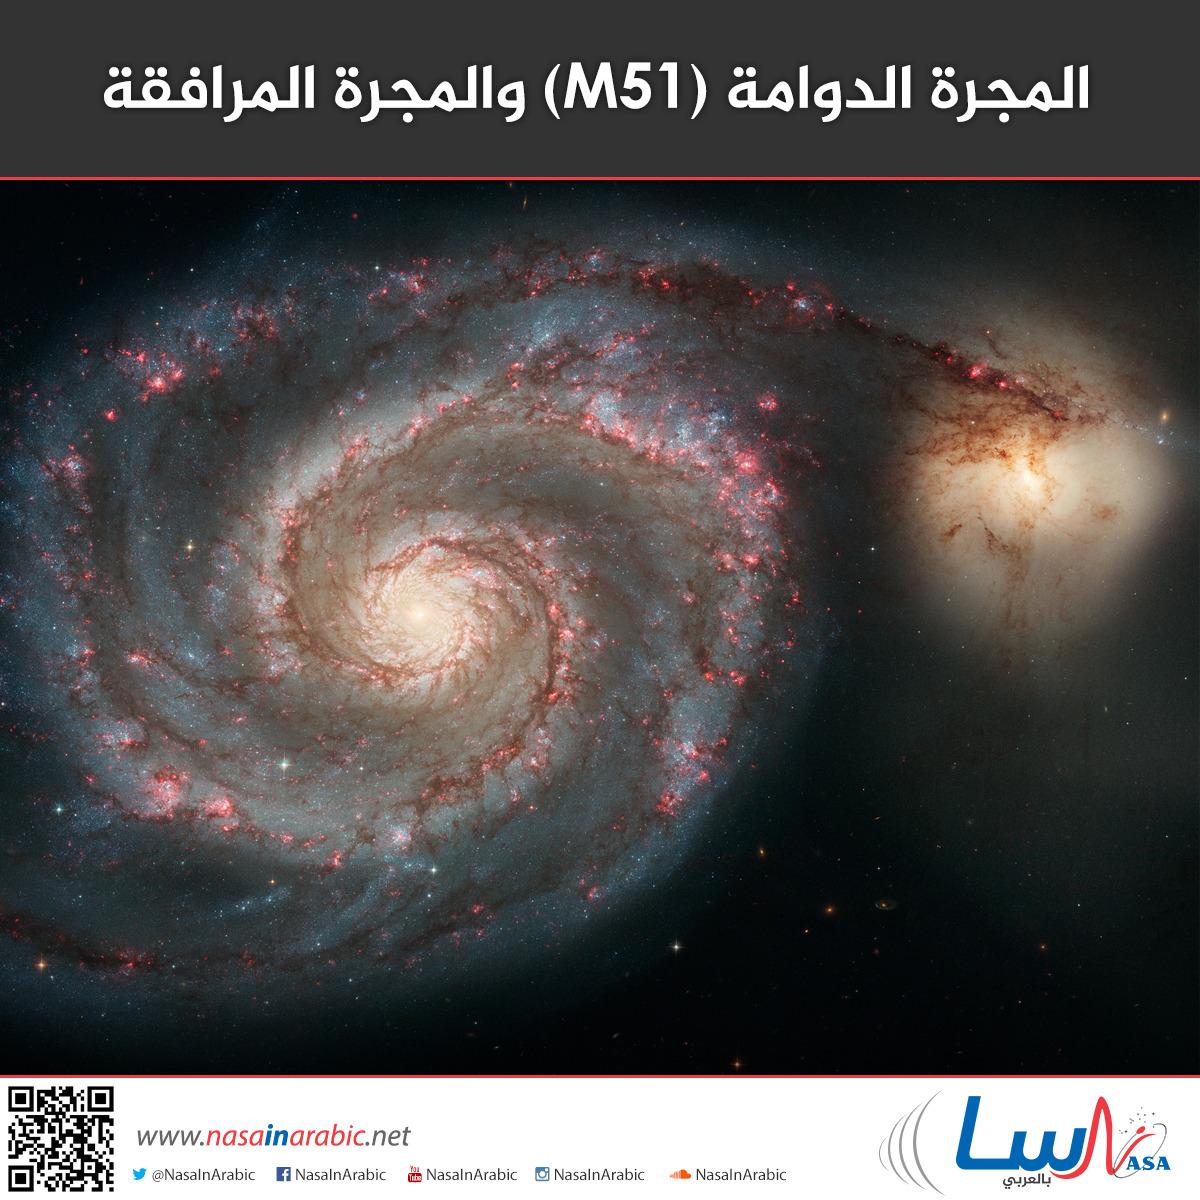 المجرة الدوامة (M51) والمجرة المرافقة